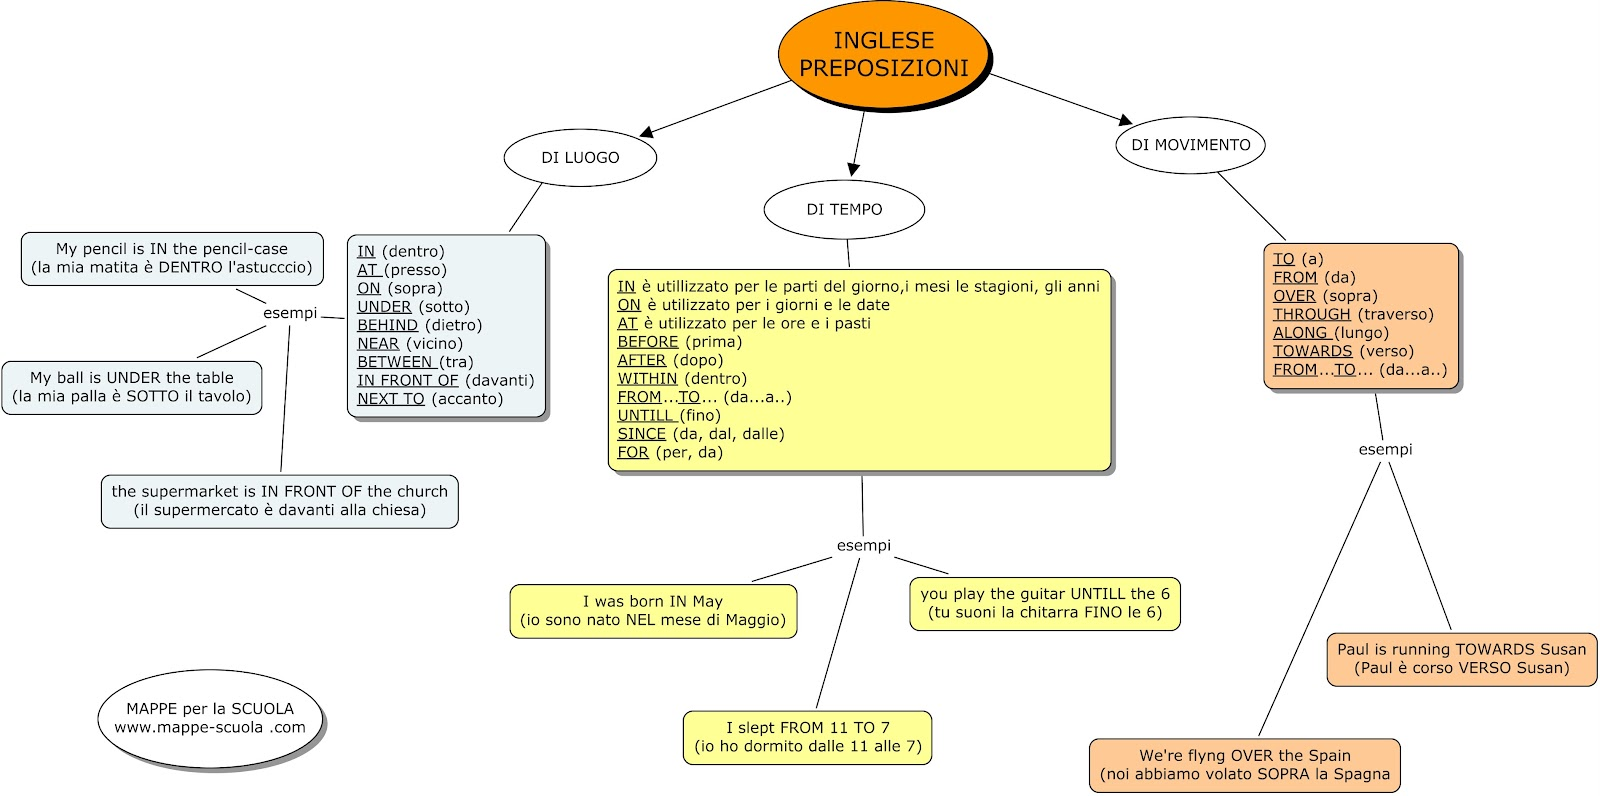 Mappe Per La Scuola Inglese Preposizioni